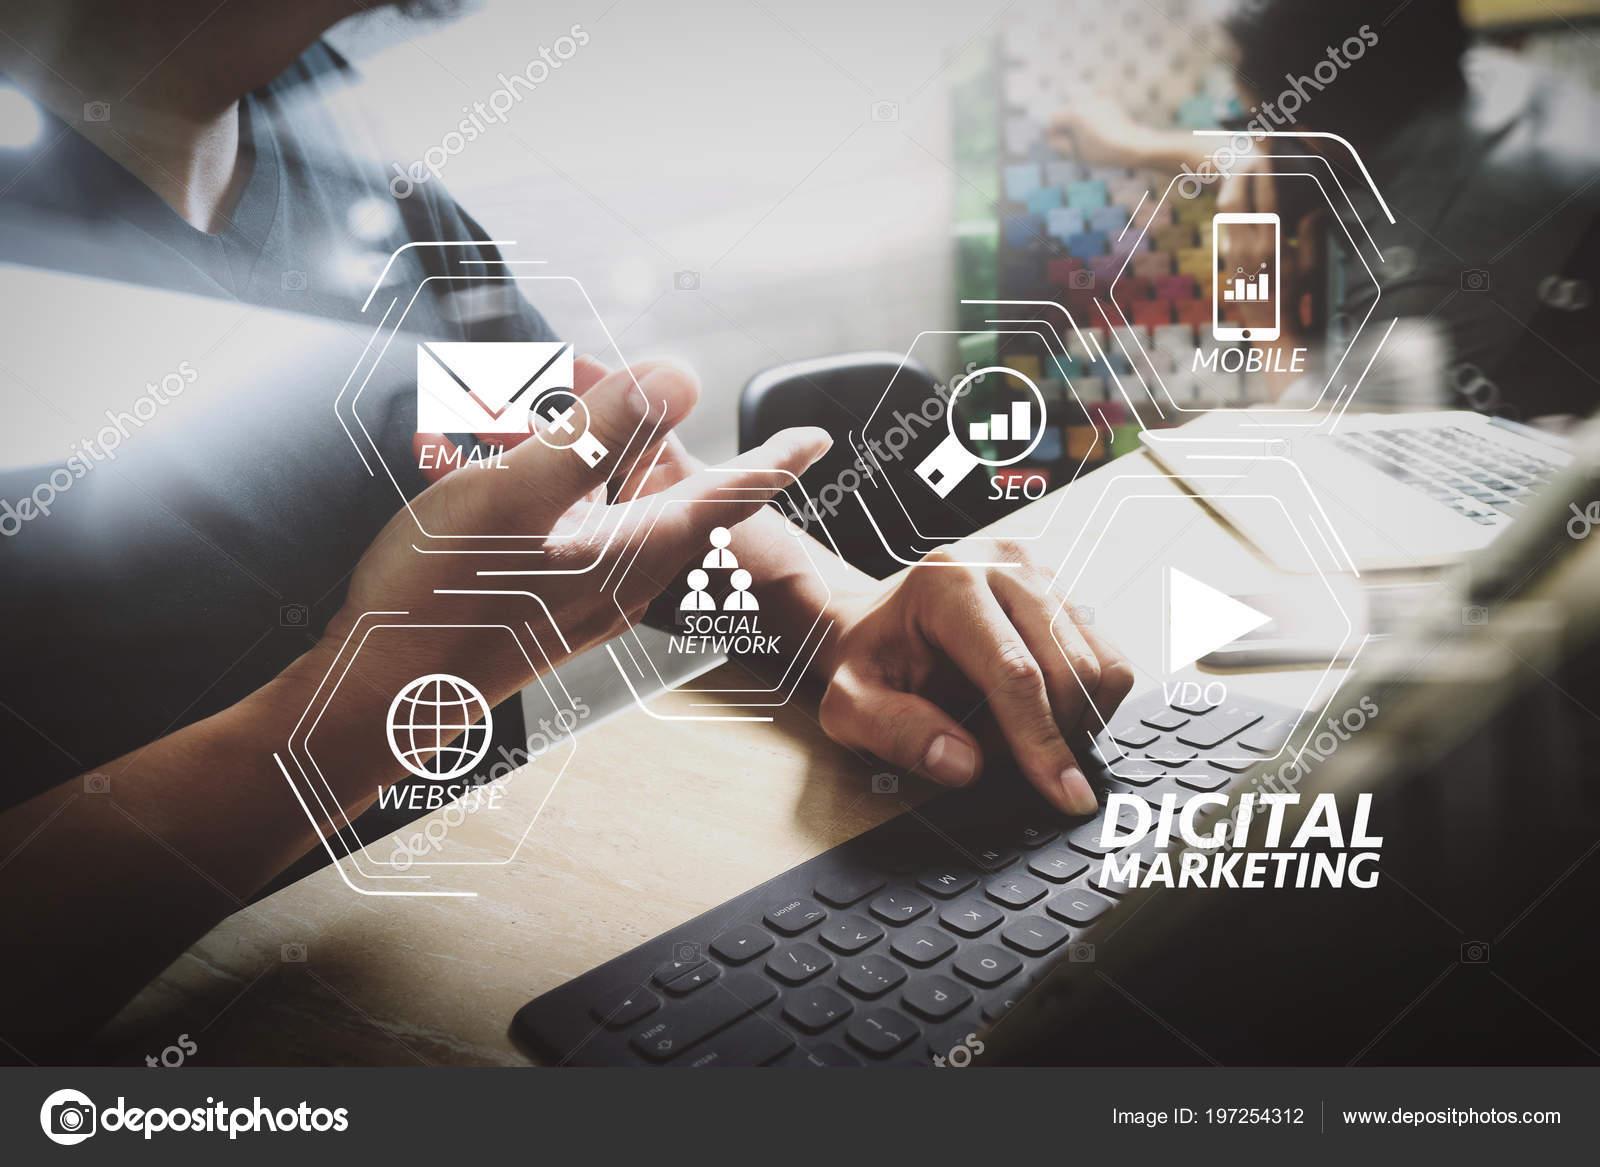 Marketing global: imágenes, fotos de stock libres de derechos | Depositphotos